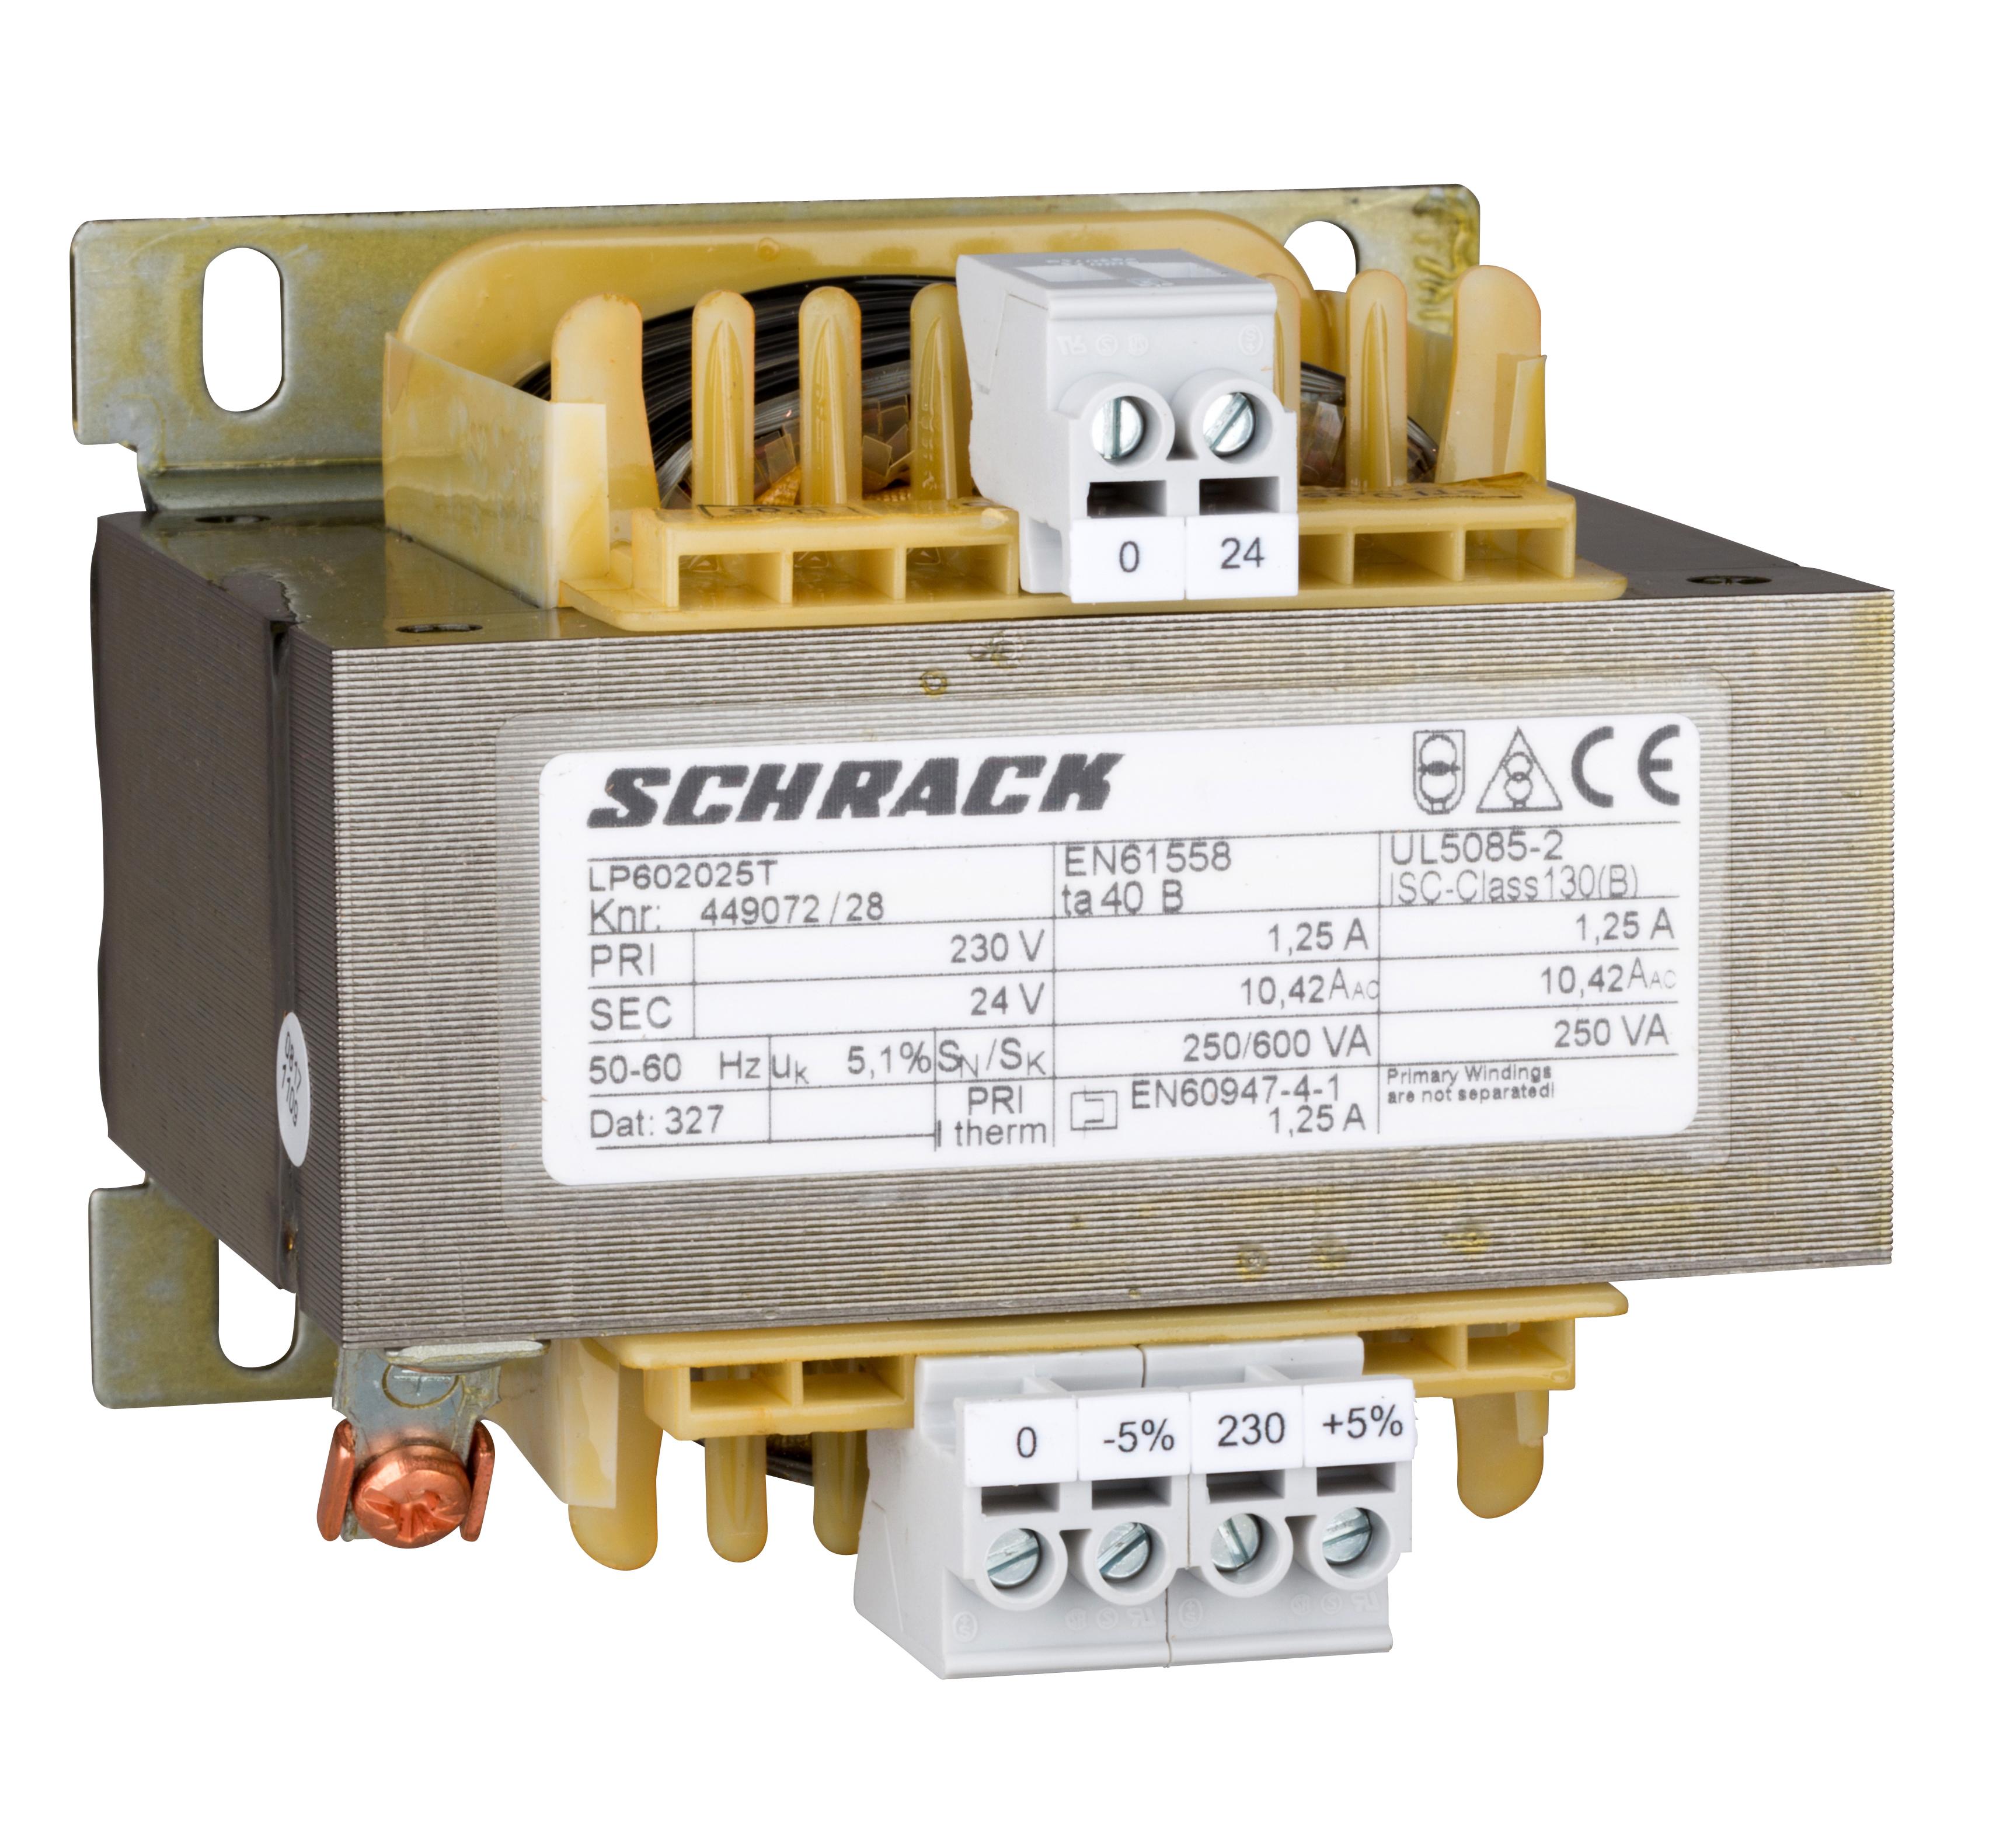 1 Stk Einphasen Steuertransformator 230/24V, 250VA, IP00 LP602025T-